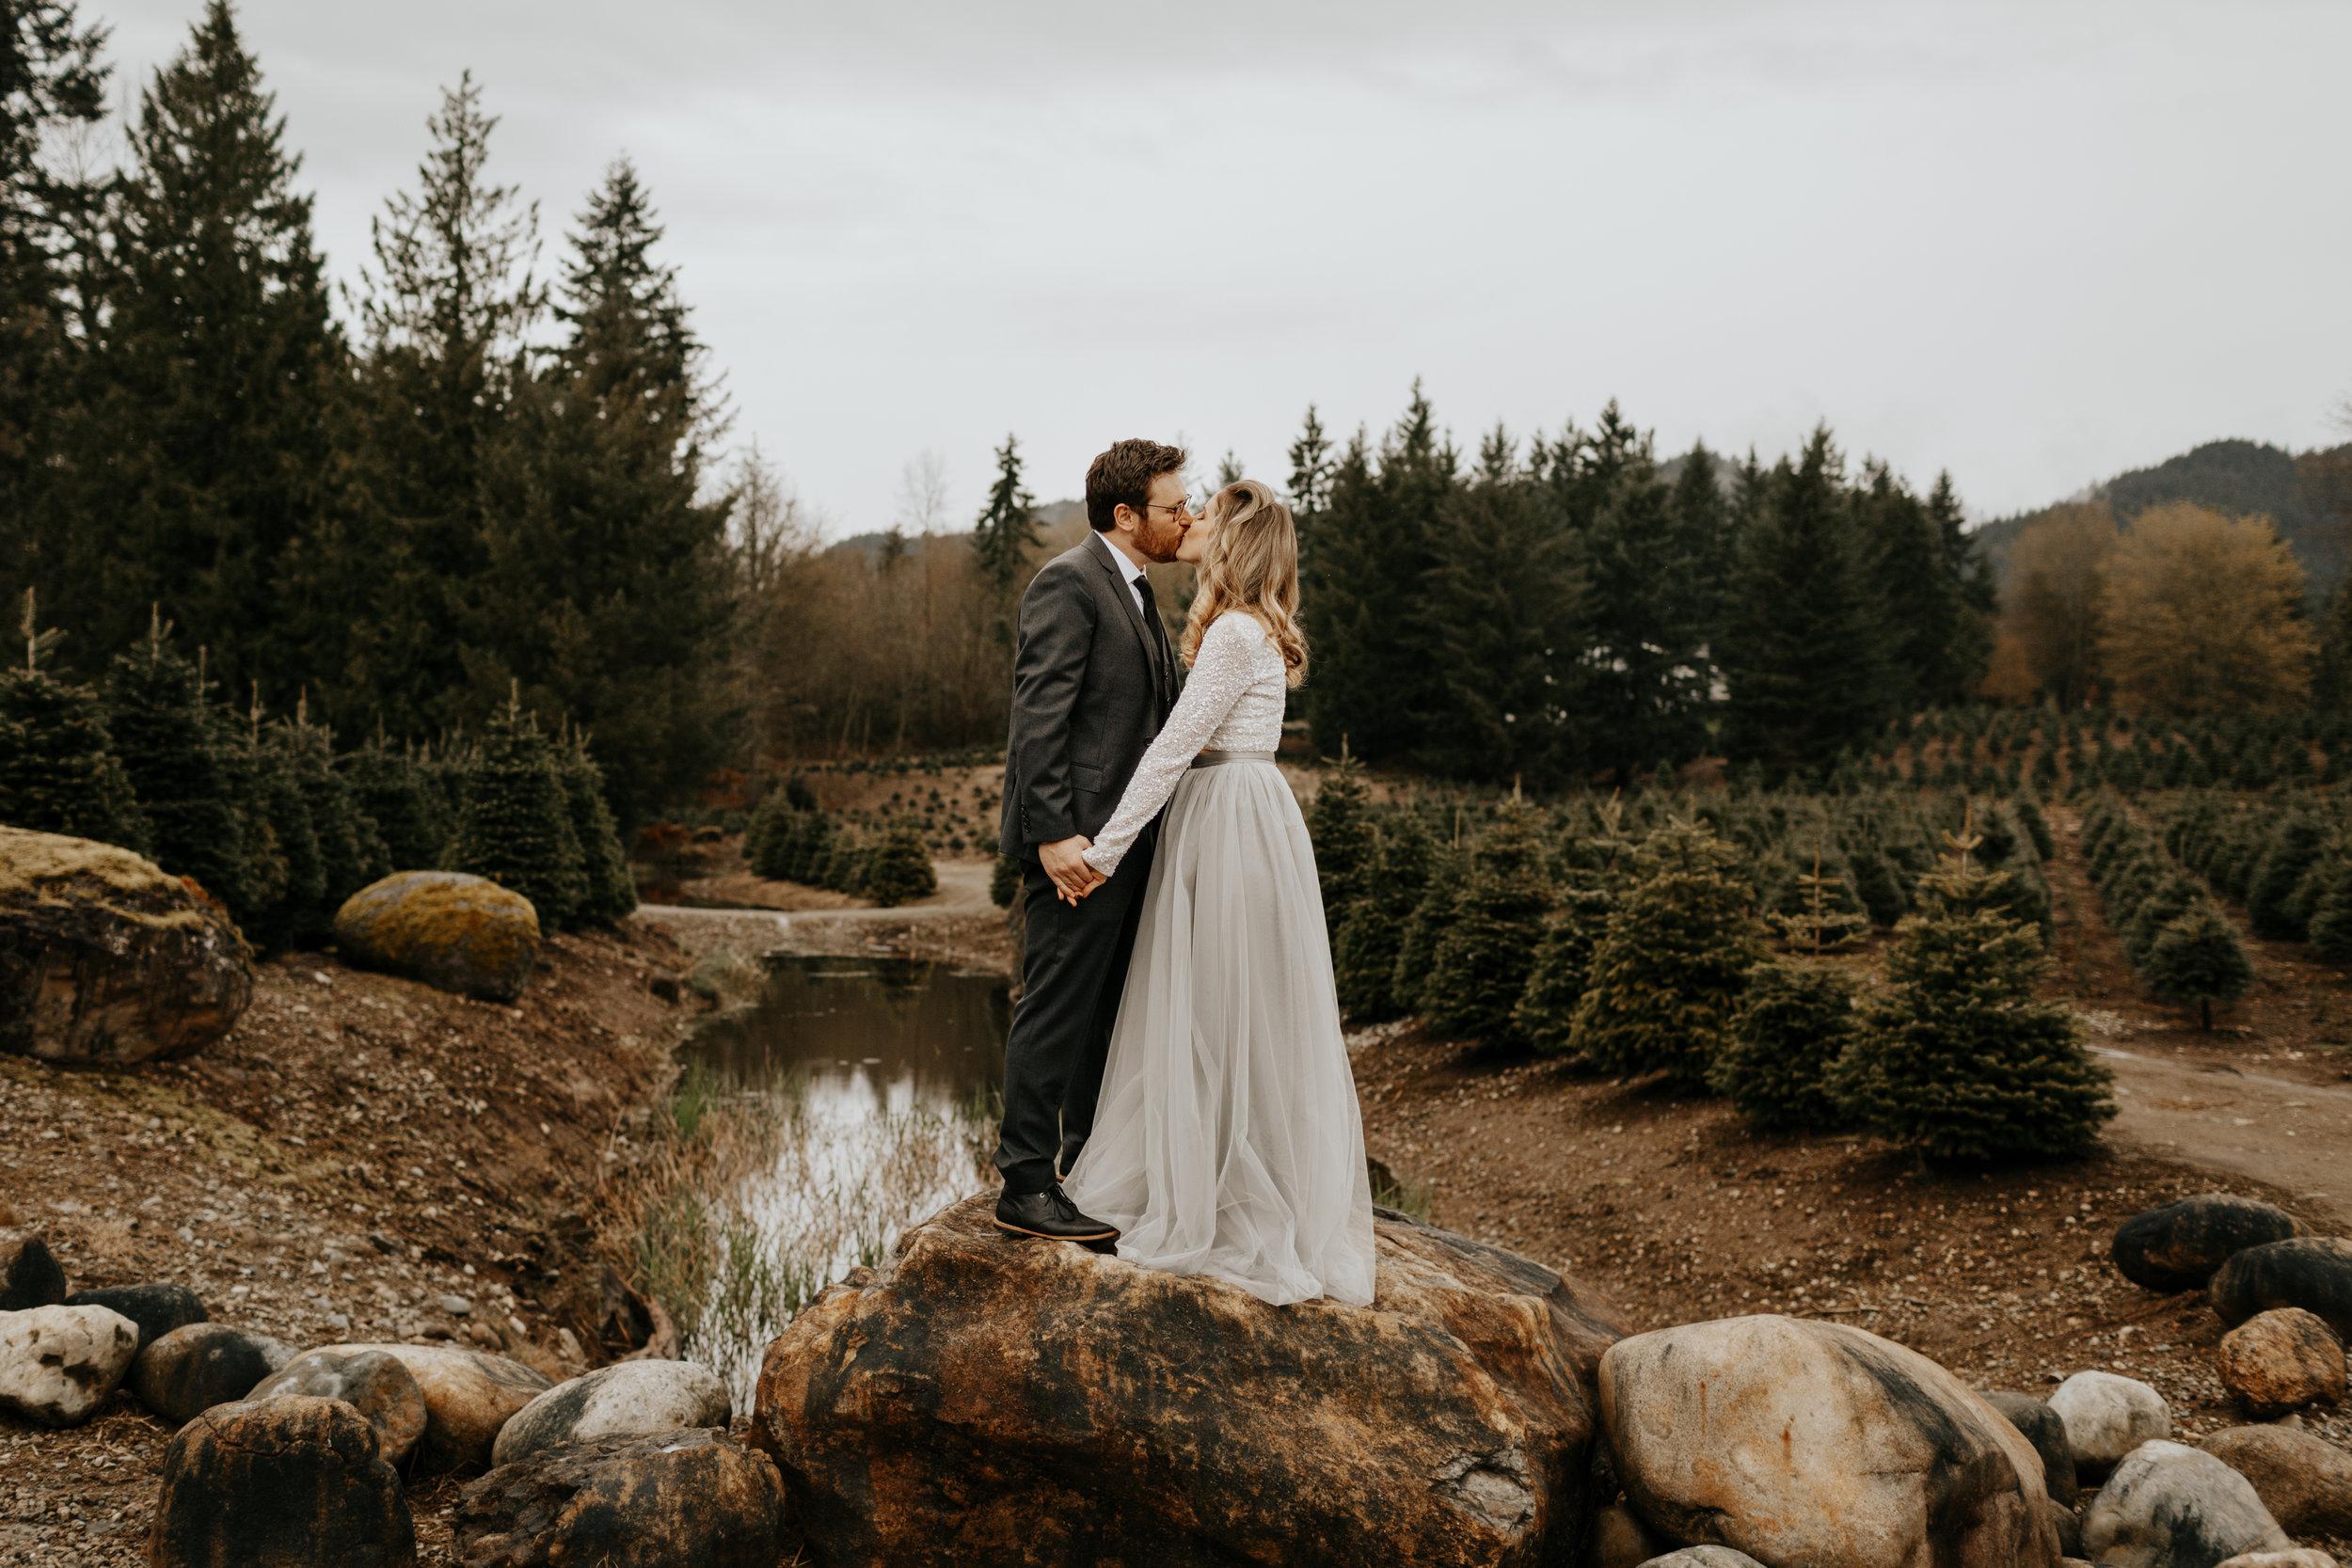 ginapaulson-courtnyandryan-wedding-216.jpg